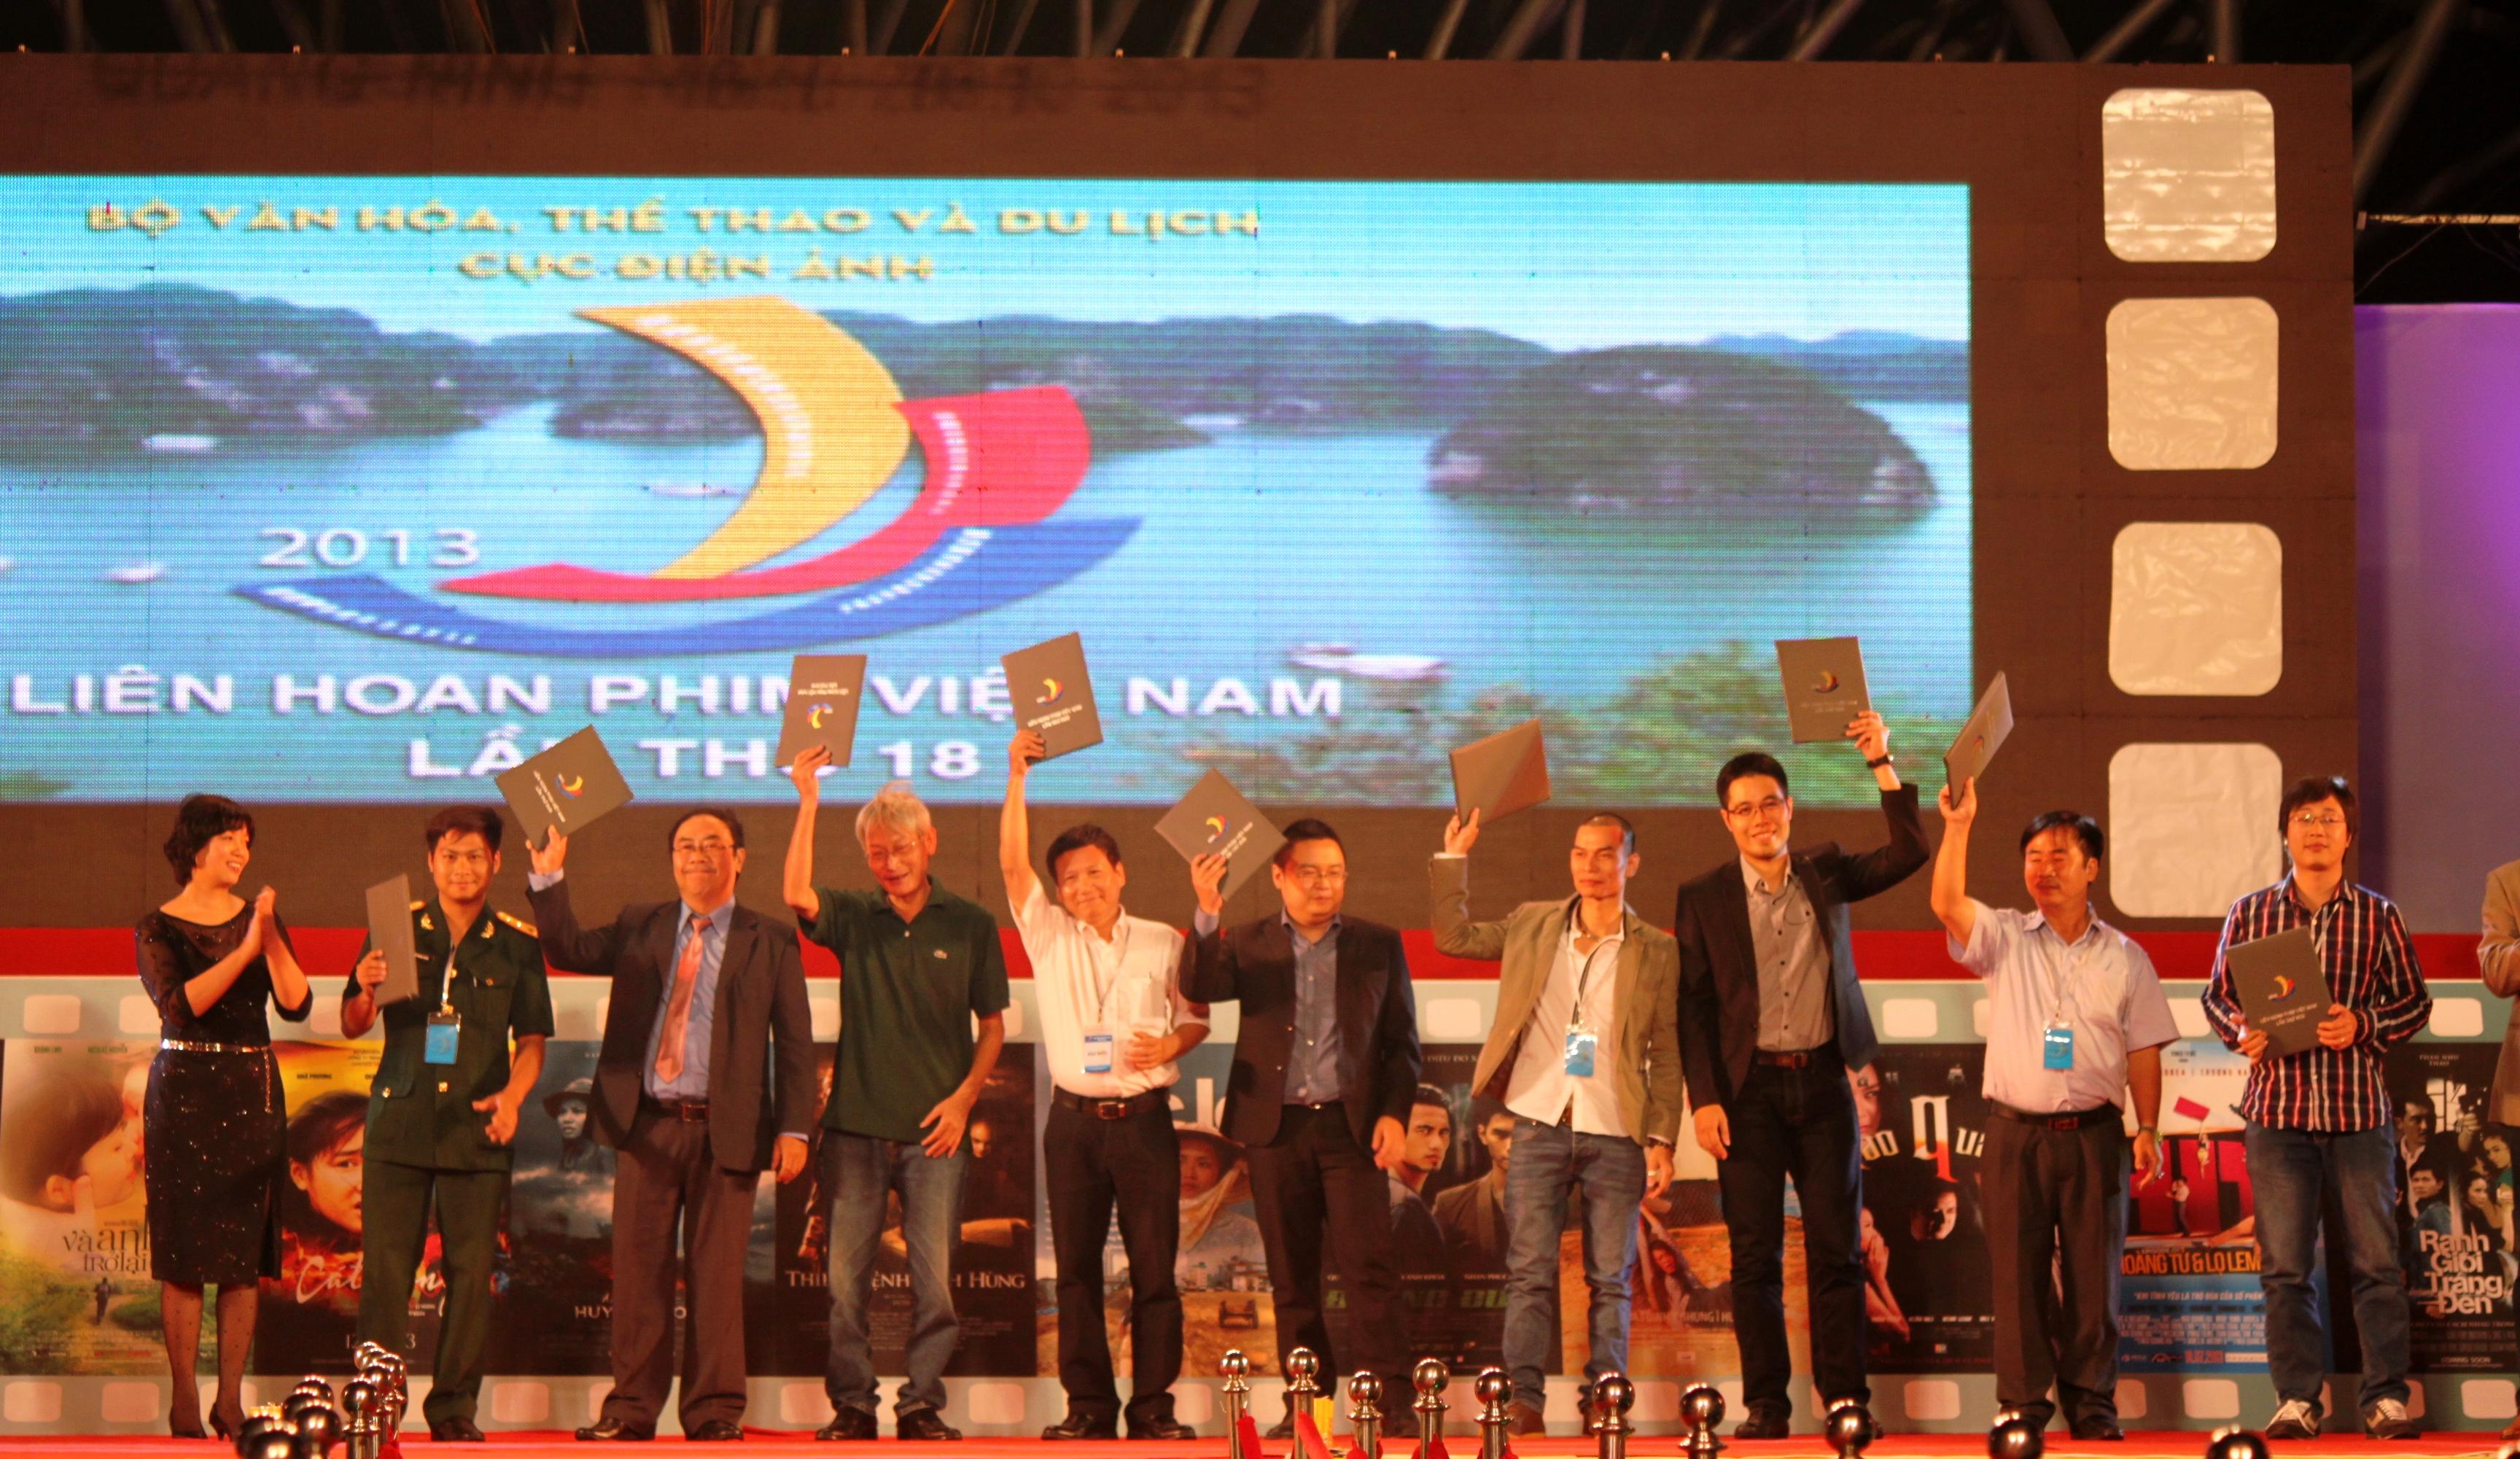 LHP Việt Nam lần thứ 18 trao 6 Bông sen Vàng 4